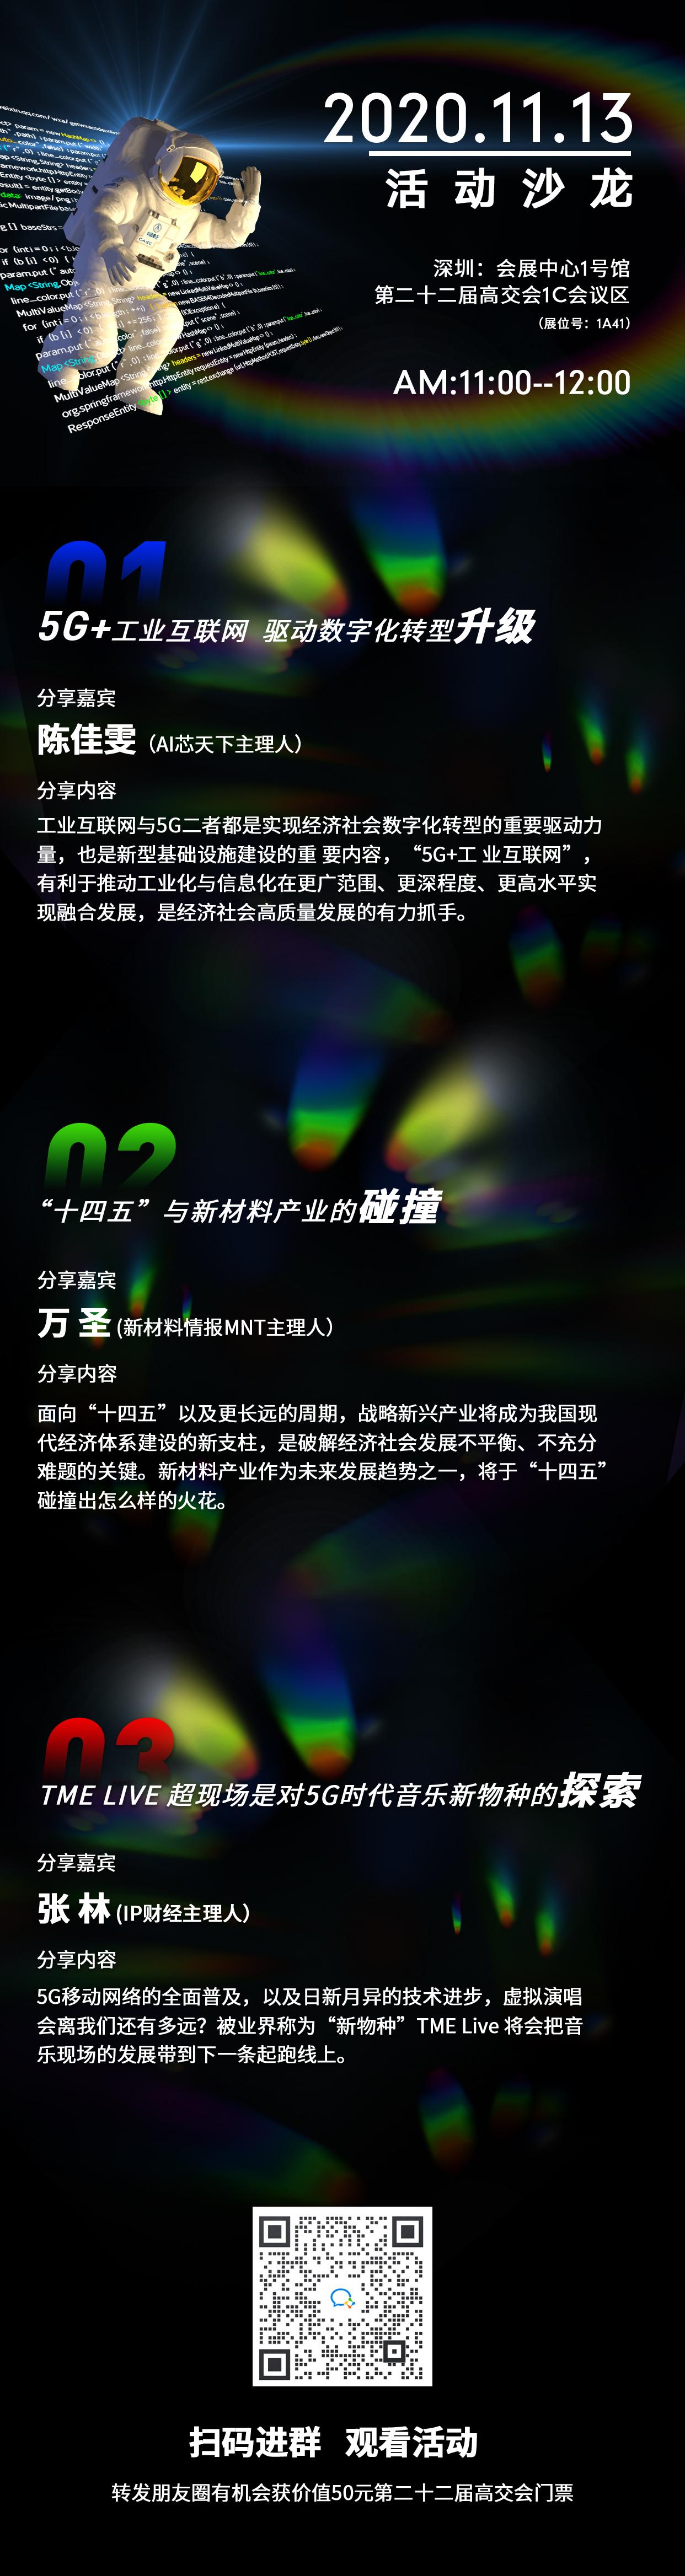 【预告】11月13日高交会1号馆活动沙龙